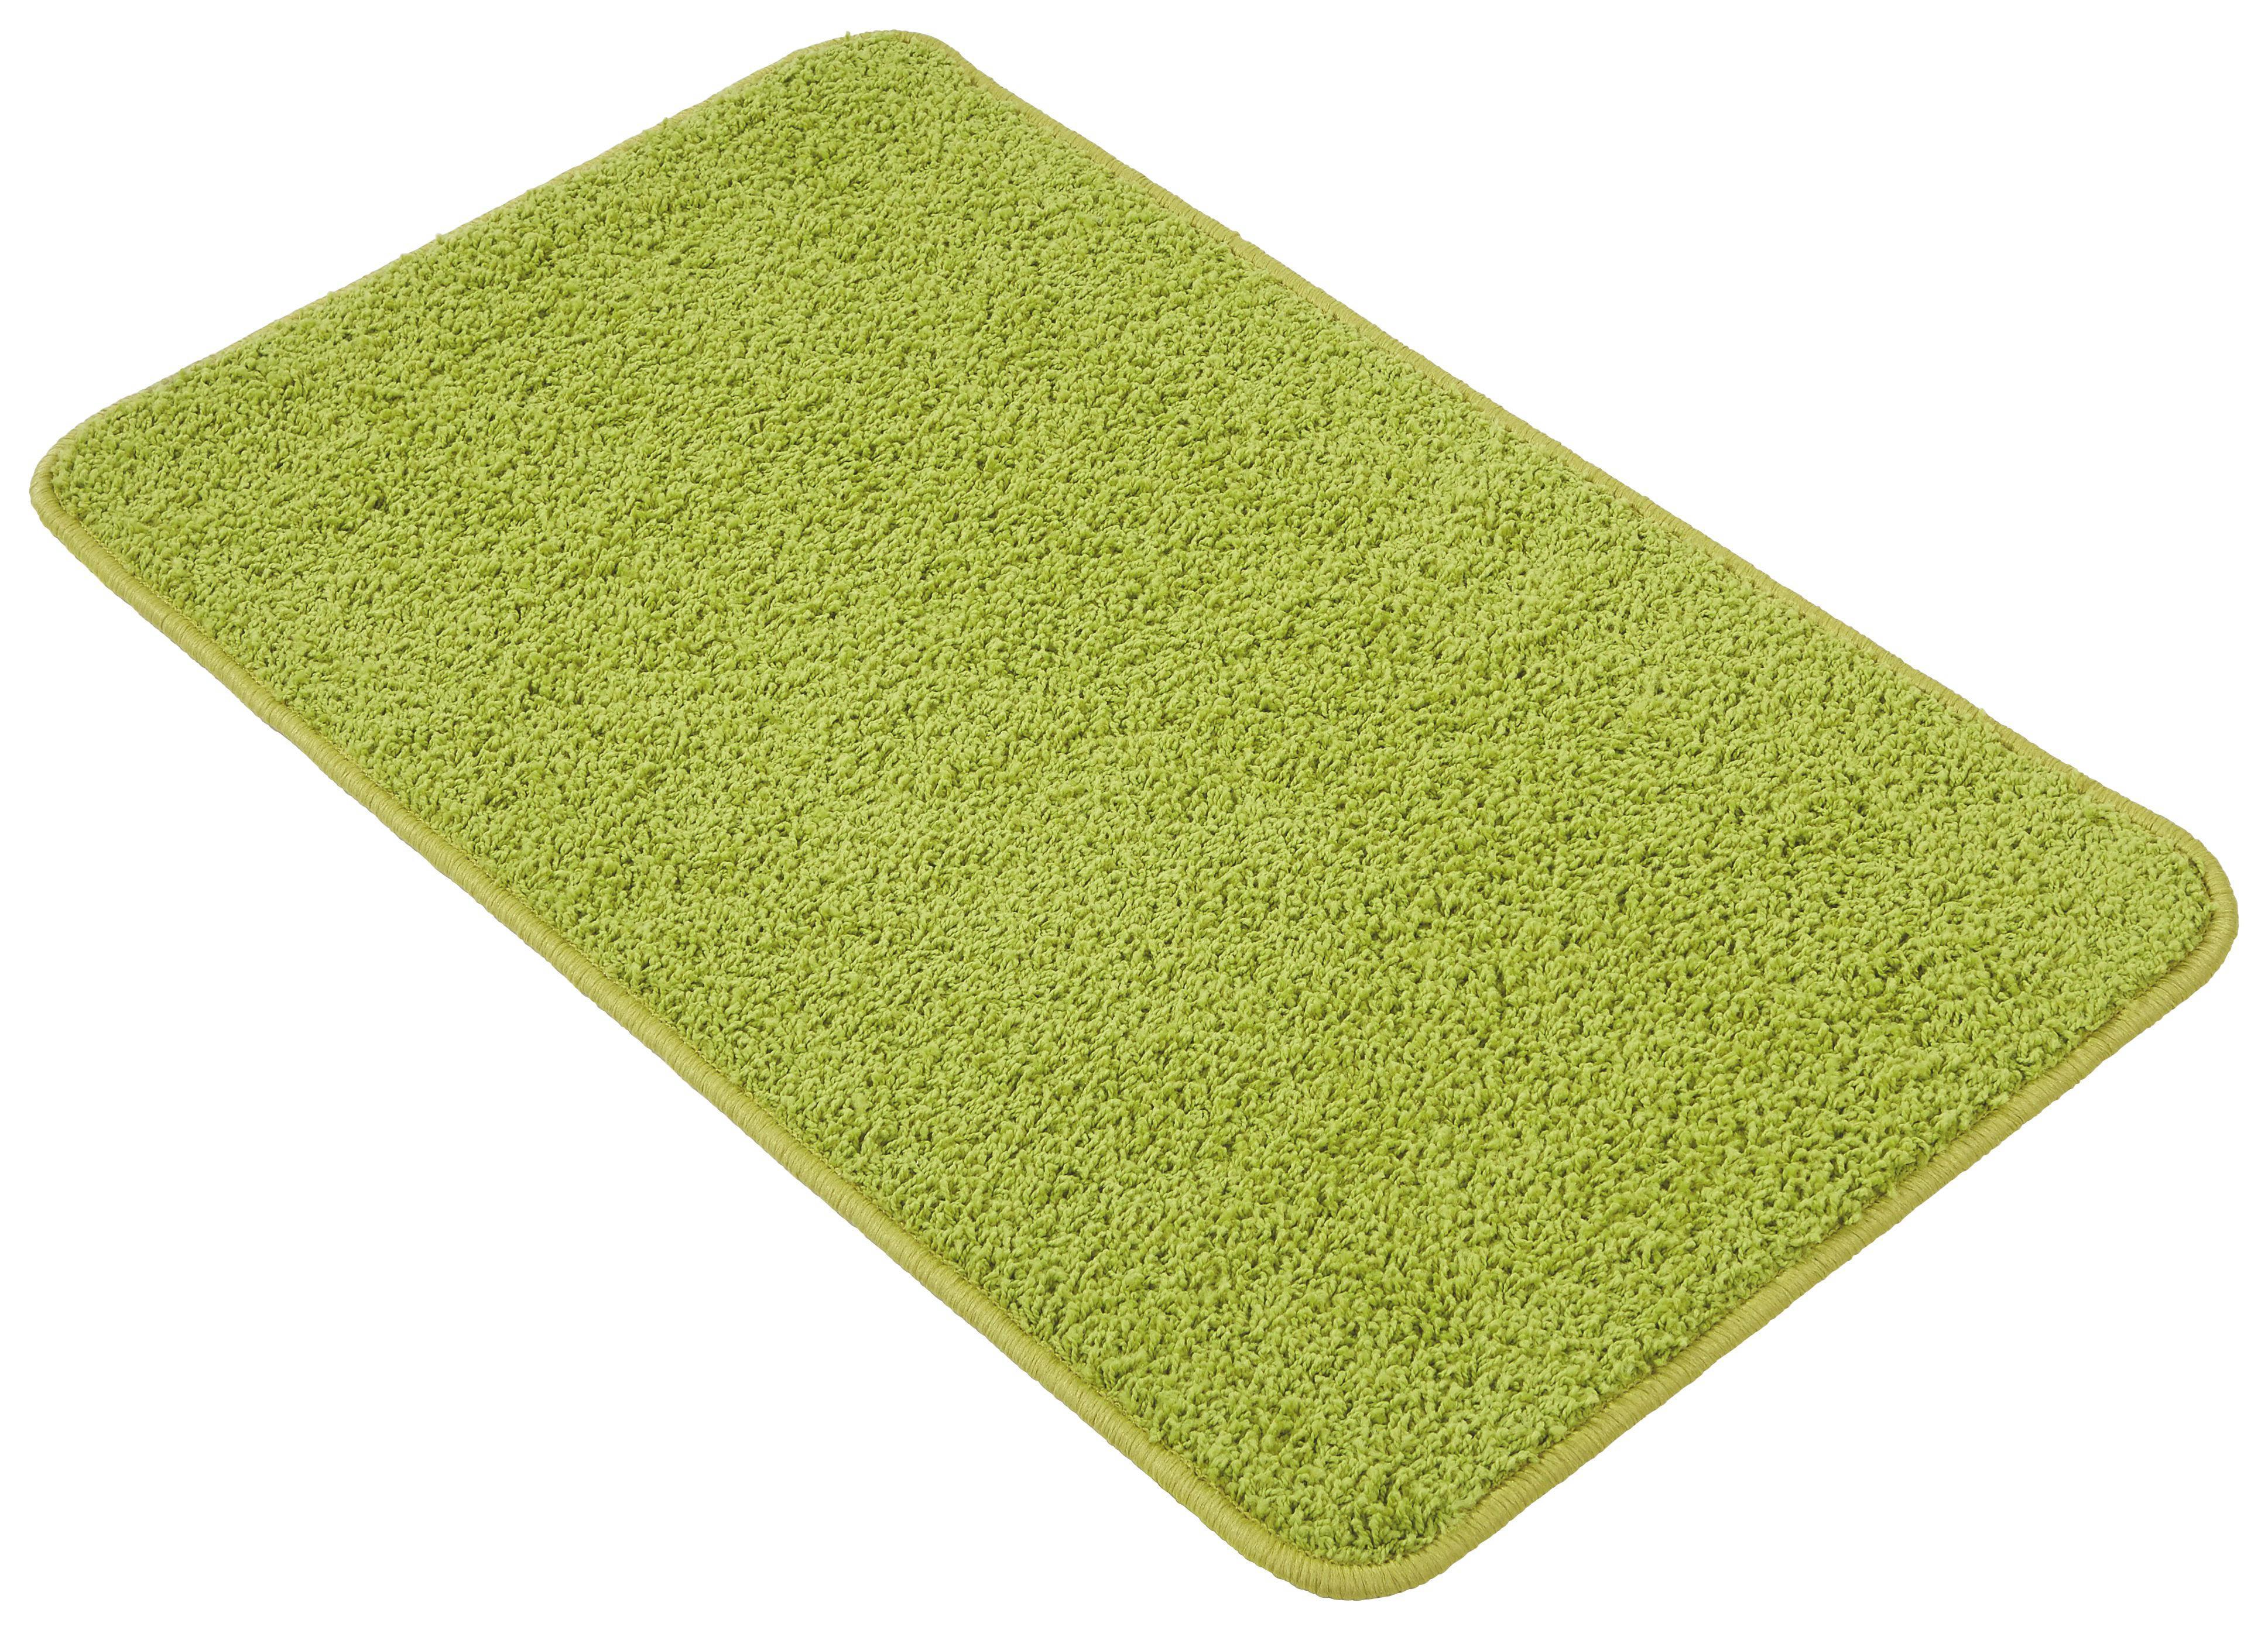 Shaggy Szőnyeg Sphinx - zöld, konvencionális, textil (60/100cm)